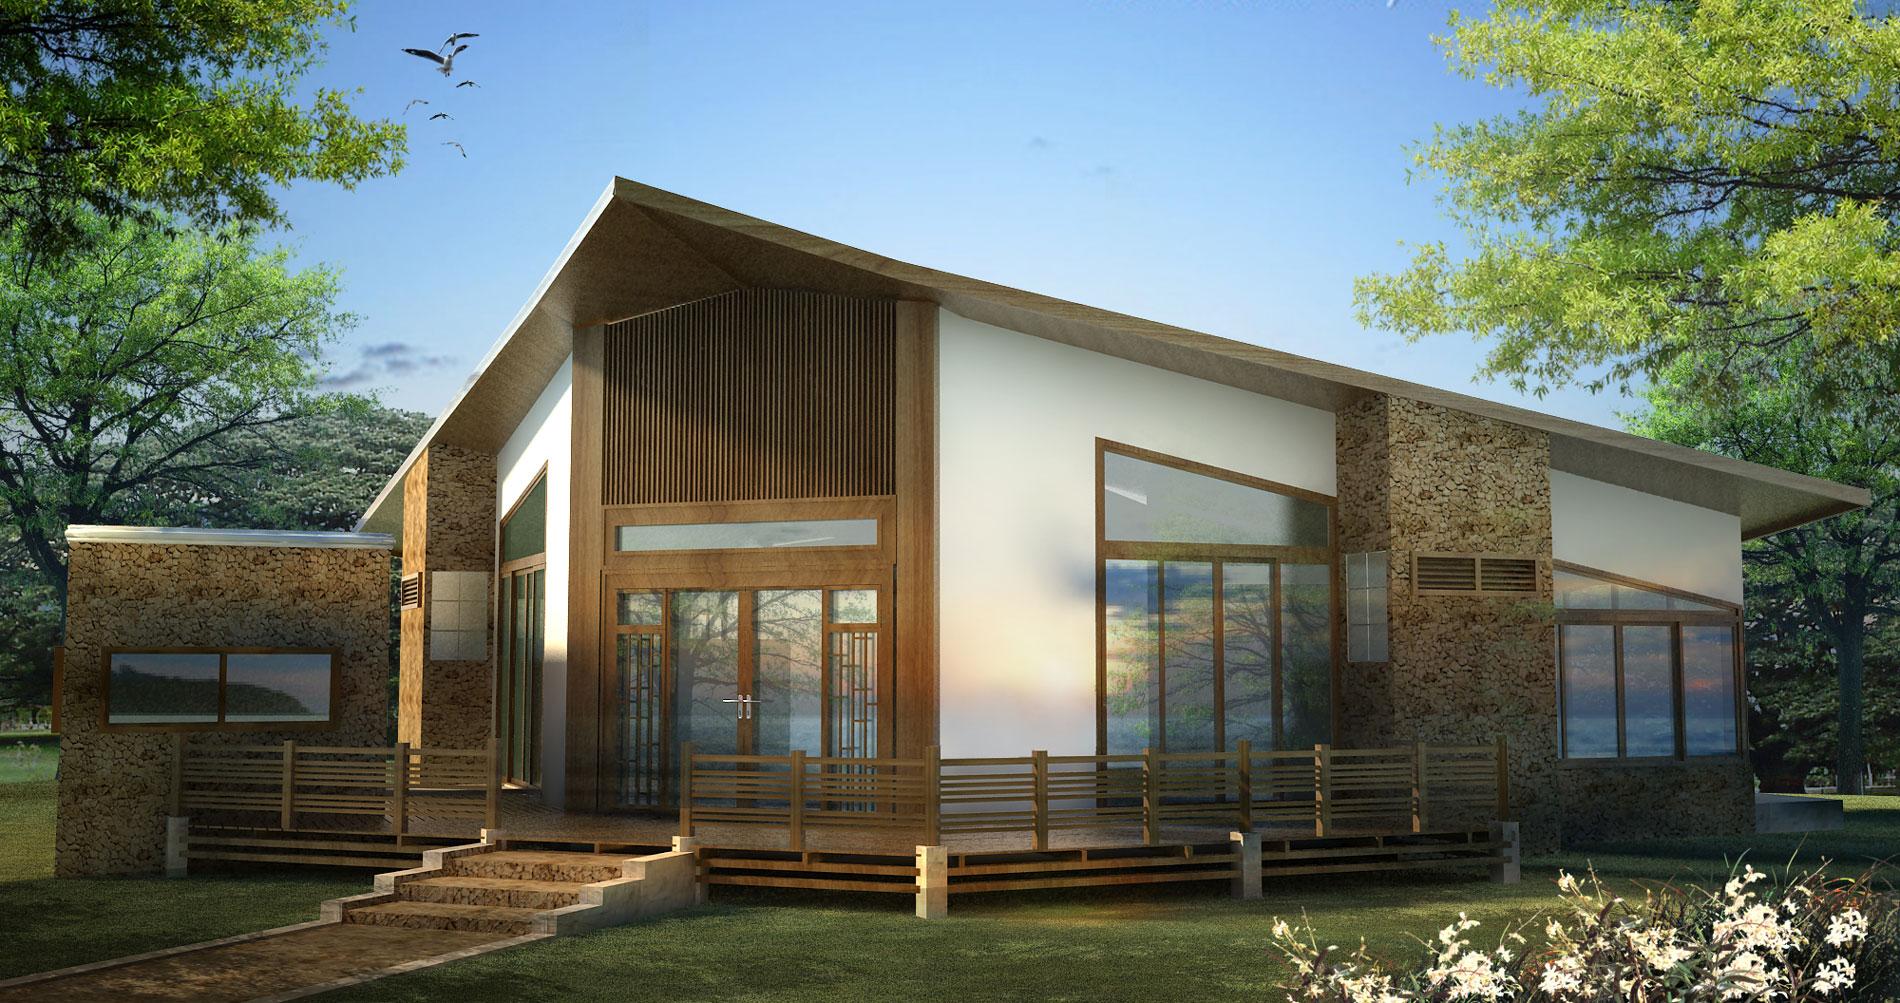 ออกแบบบ้านพักตากอากาศ ปราณบุรี ประจวบคีรีขันธ์